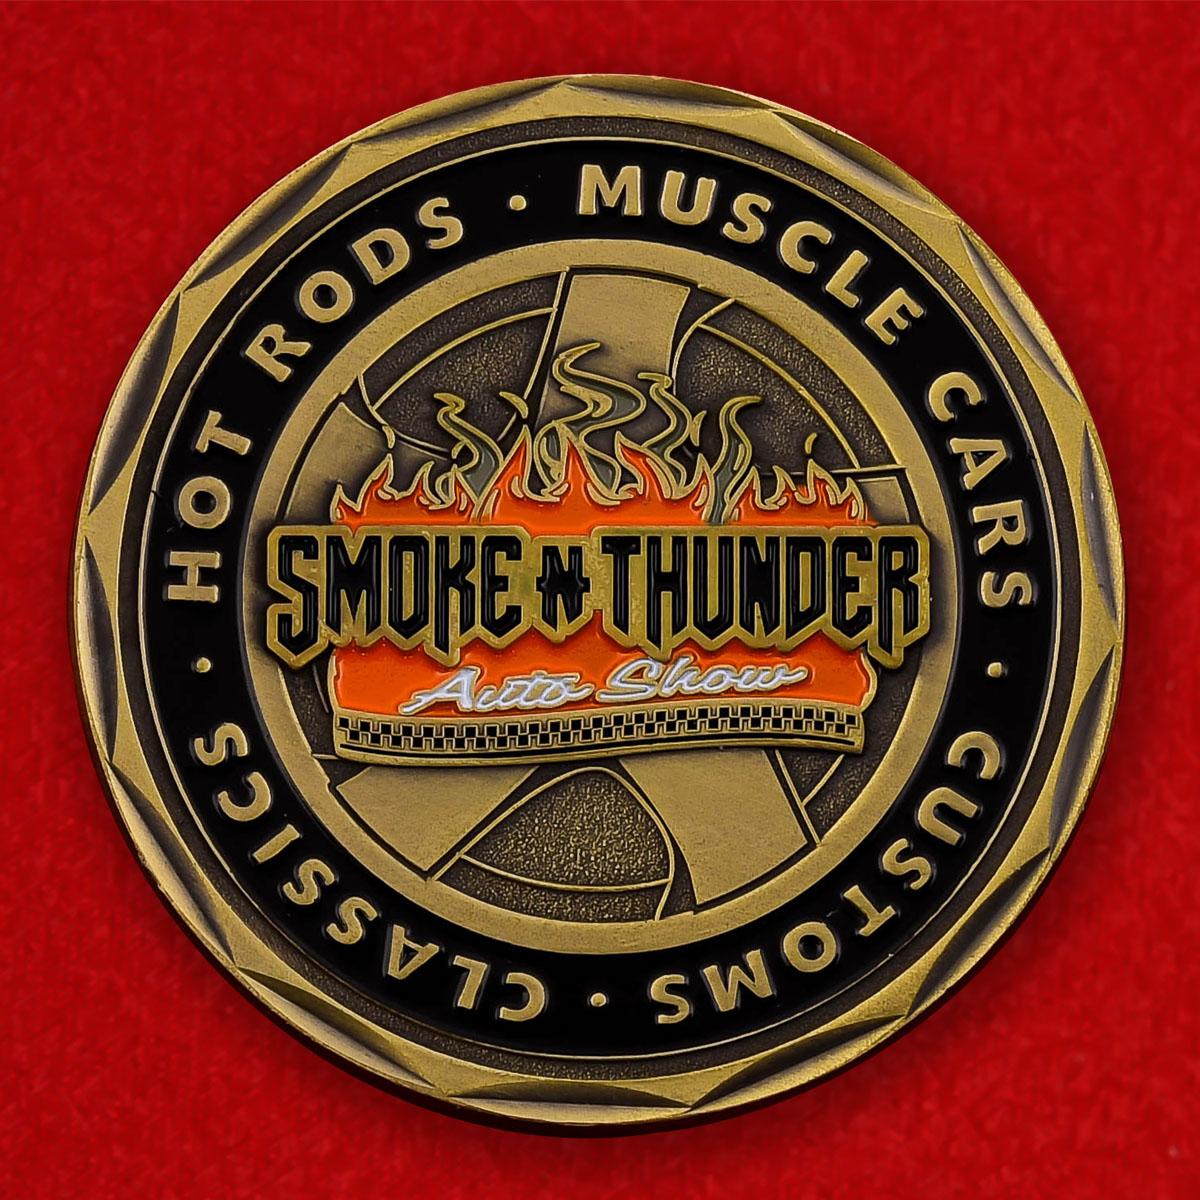 """Памятная монета """"Авиашоу Smoke-n-Thunder, Региональный аэропорт Ричард Б. Рассел"""""""